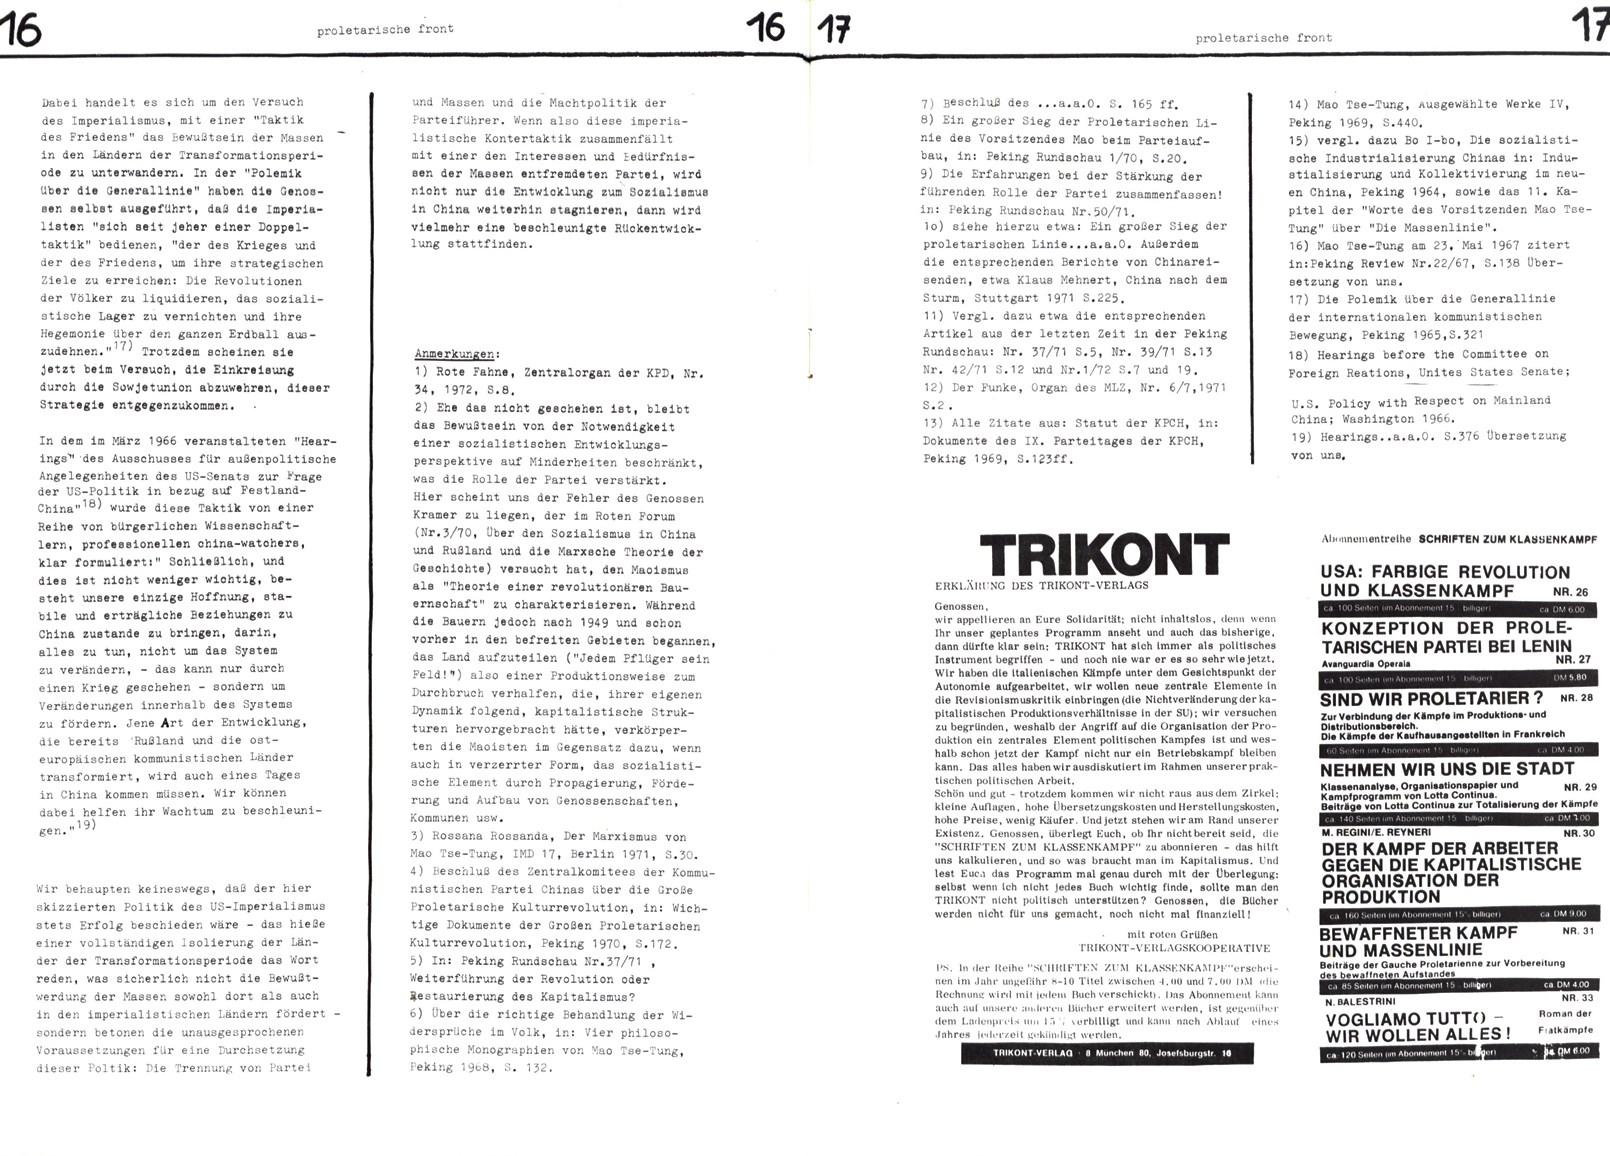 Proletarische_Front_1972_04_09